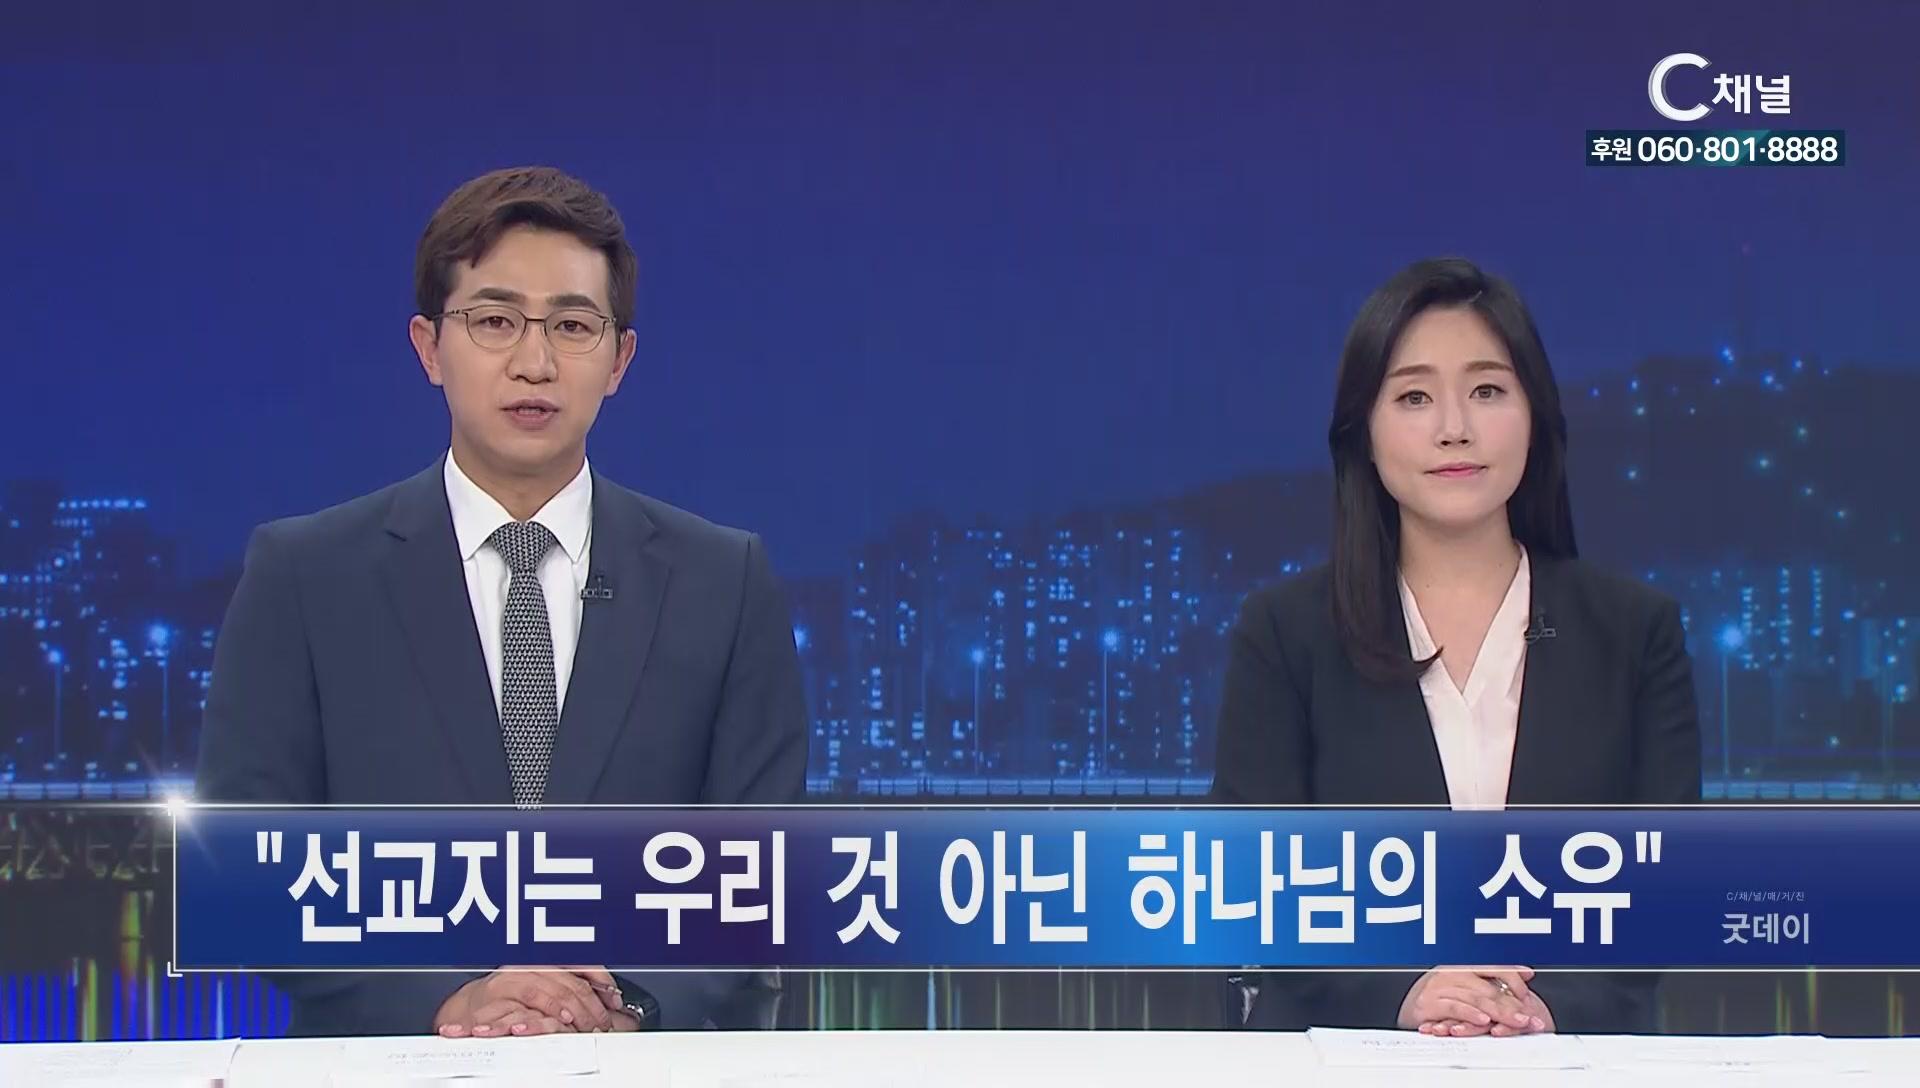 C채널 매거진 굿데이 2019년 07월 18일 C채널 뉴스